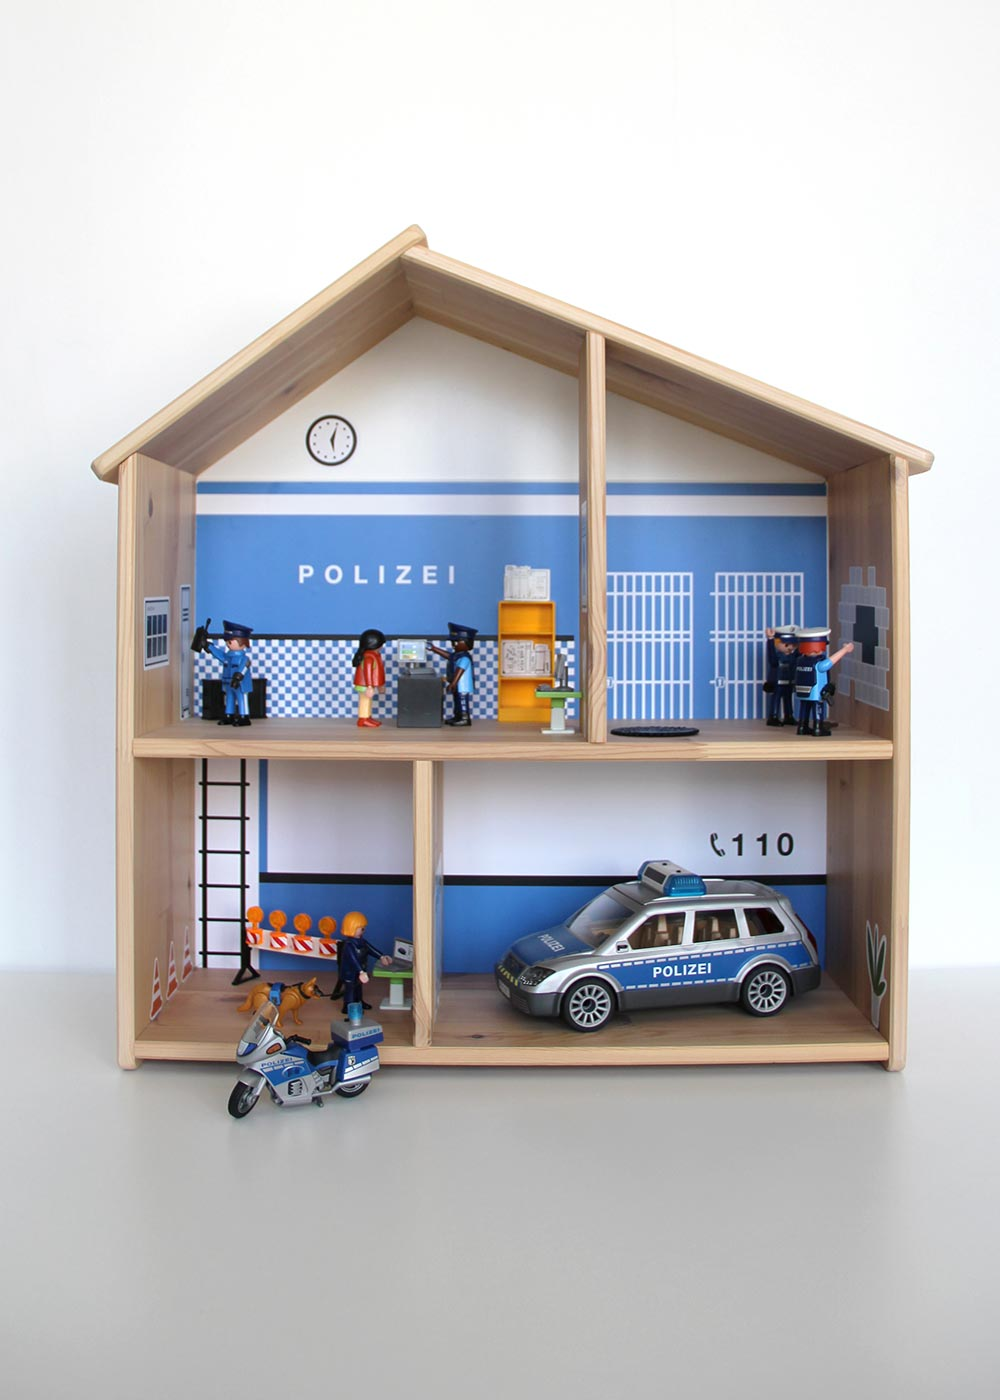 Ikea Flisat Puppenhaus Tapete Polizei Komplettansicht